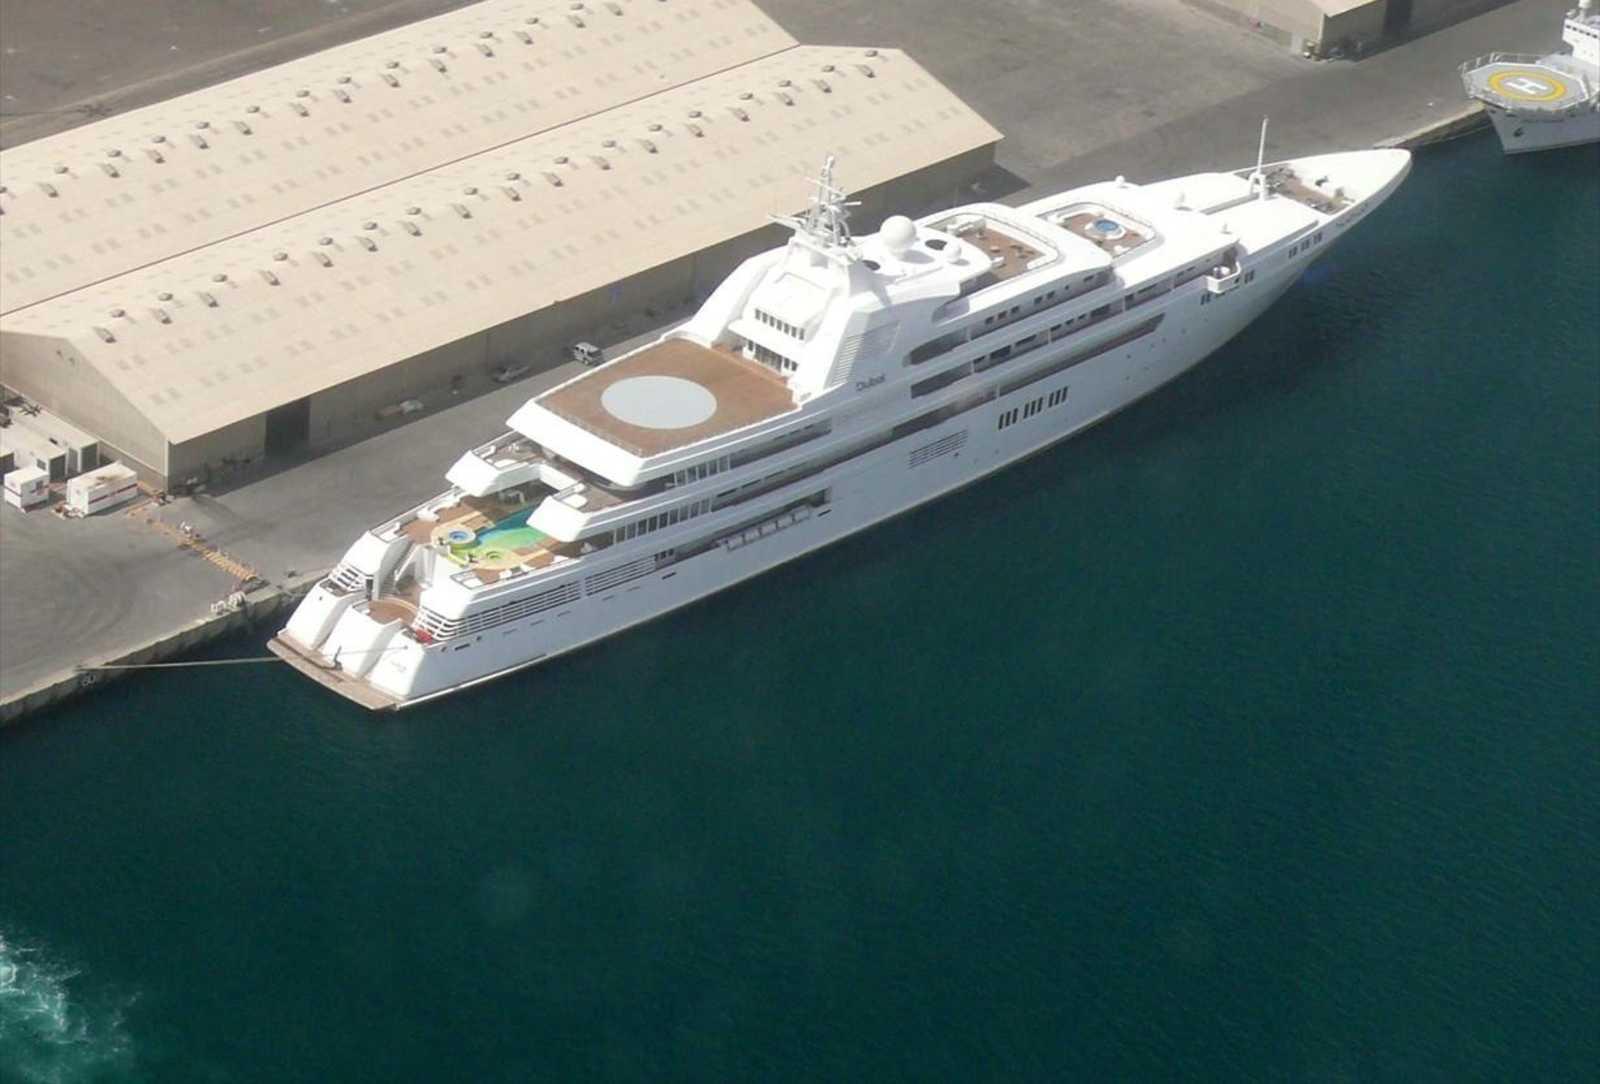 Teuerste yacht der welt  Luxus auf dem Wasser: Die 10 teuersten Yachten der Welt | ANTENNE ...